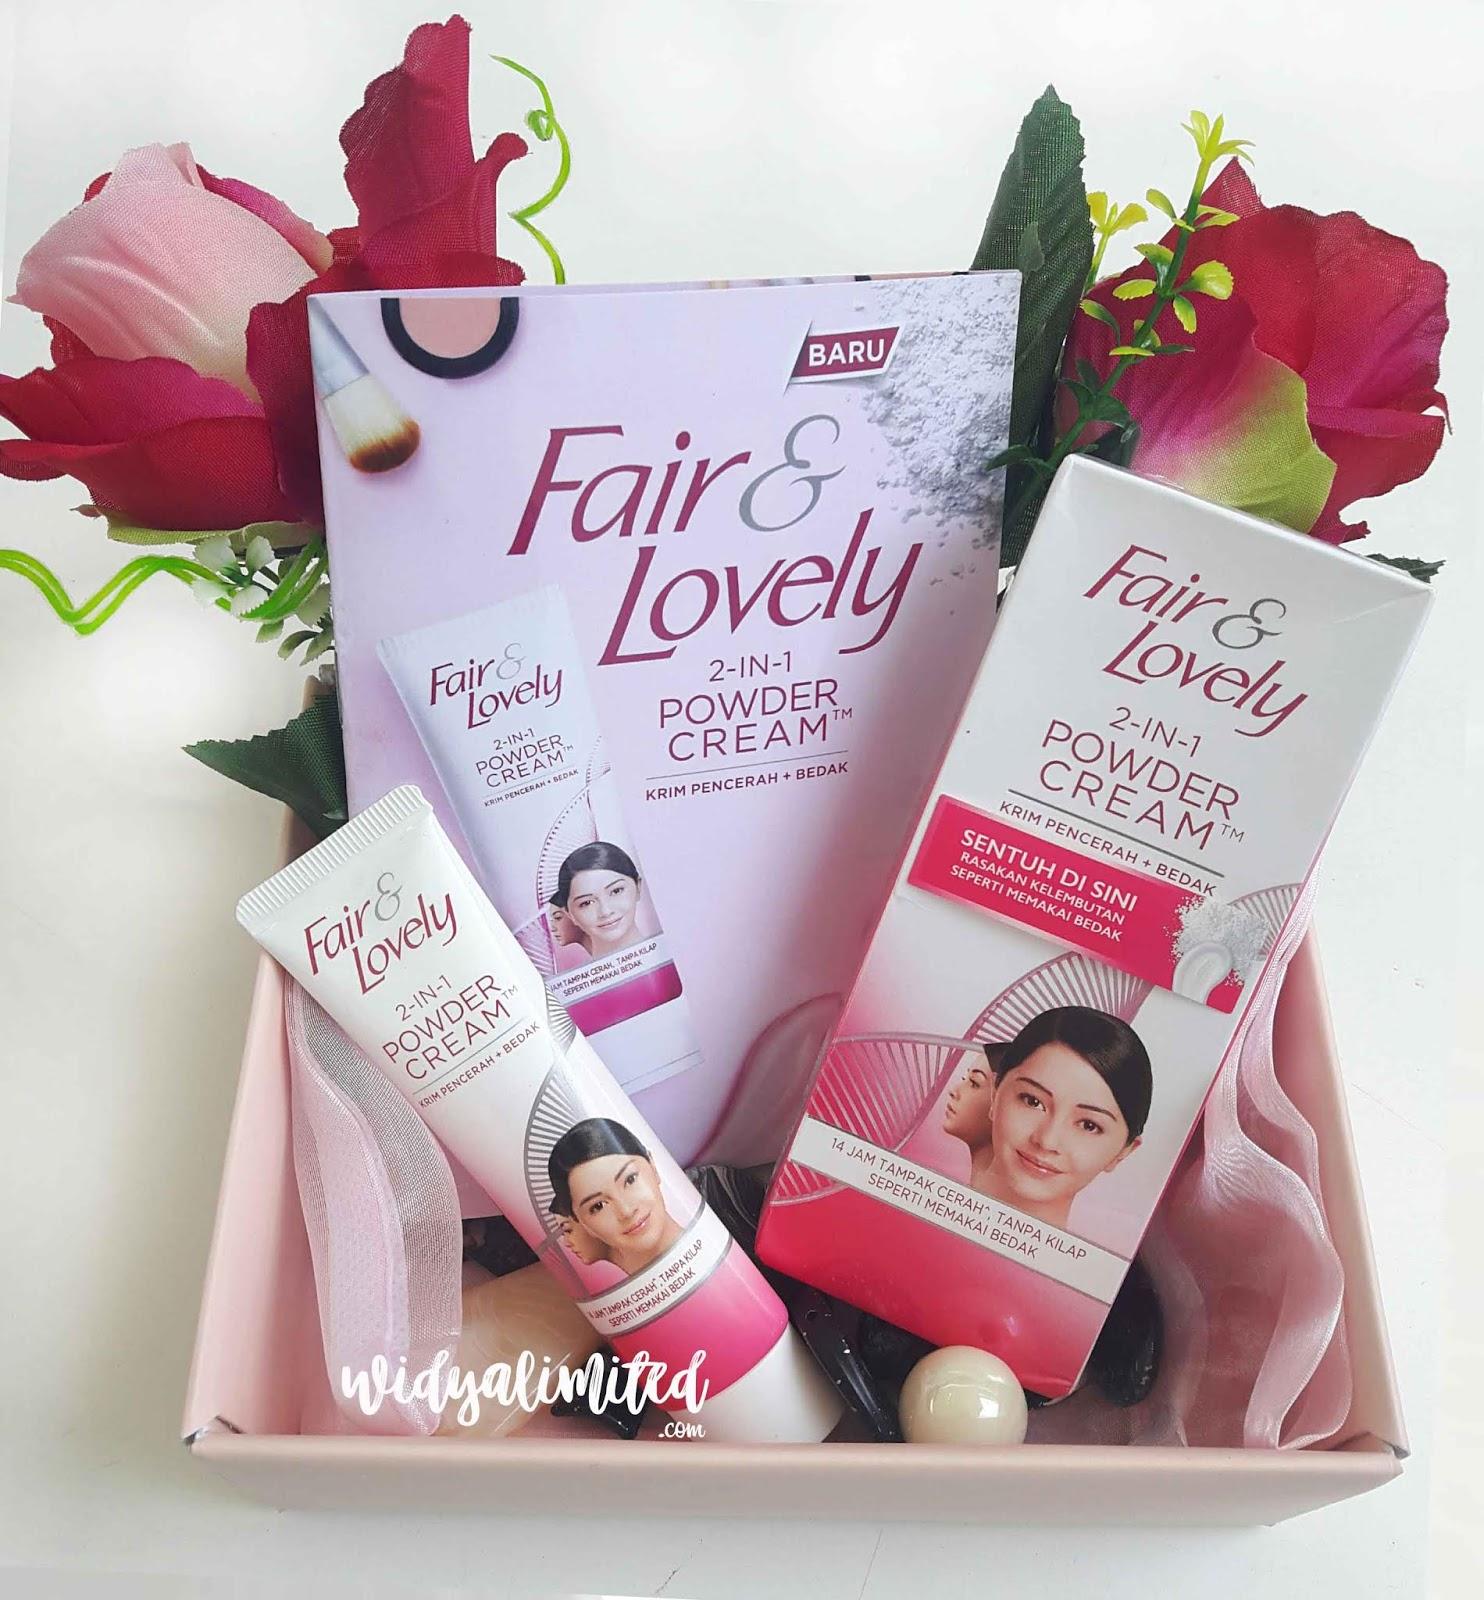 Honest Review Fair & Lovely 2 in 1 Powder Cream ...